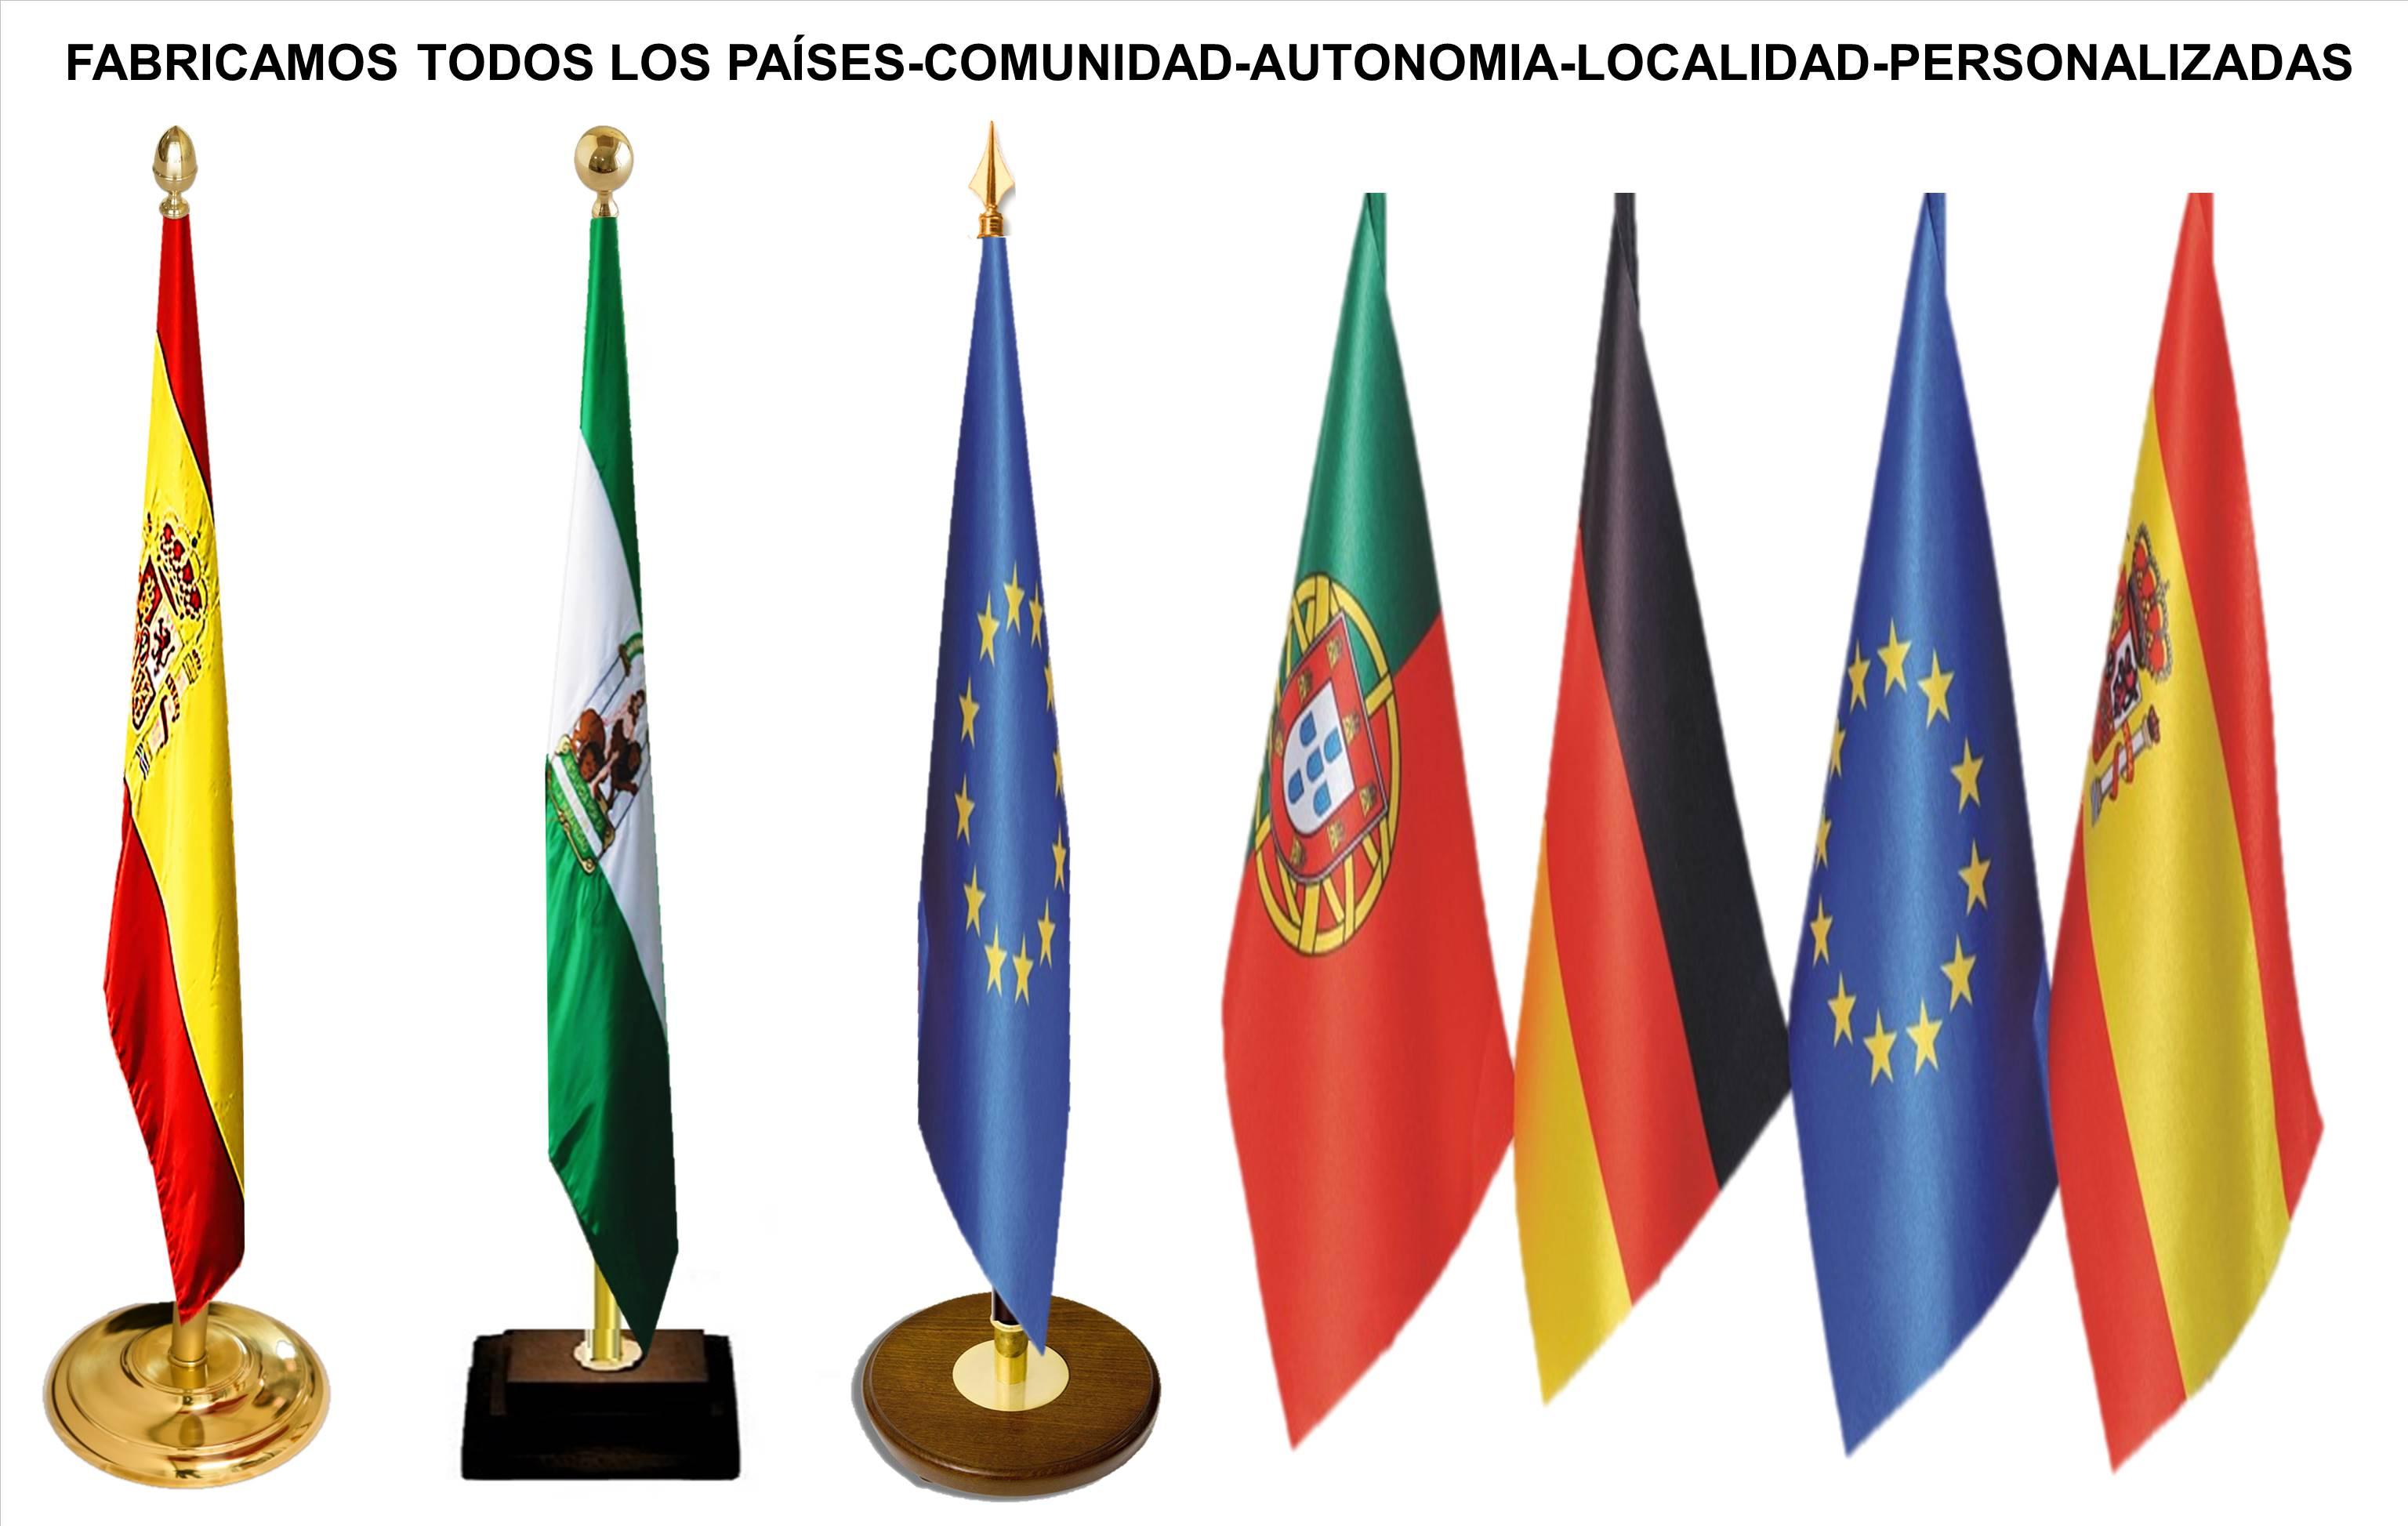 BANDERAS DE PROCOLO ORGANISMOS OFICIALES AYUNTAMIENTOS EVENTOS COLEGIOS OFICINAS DESPACHOS